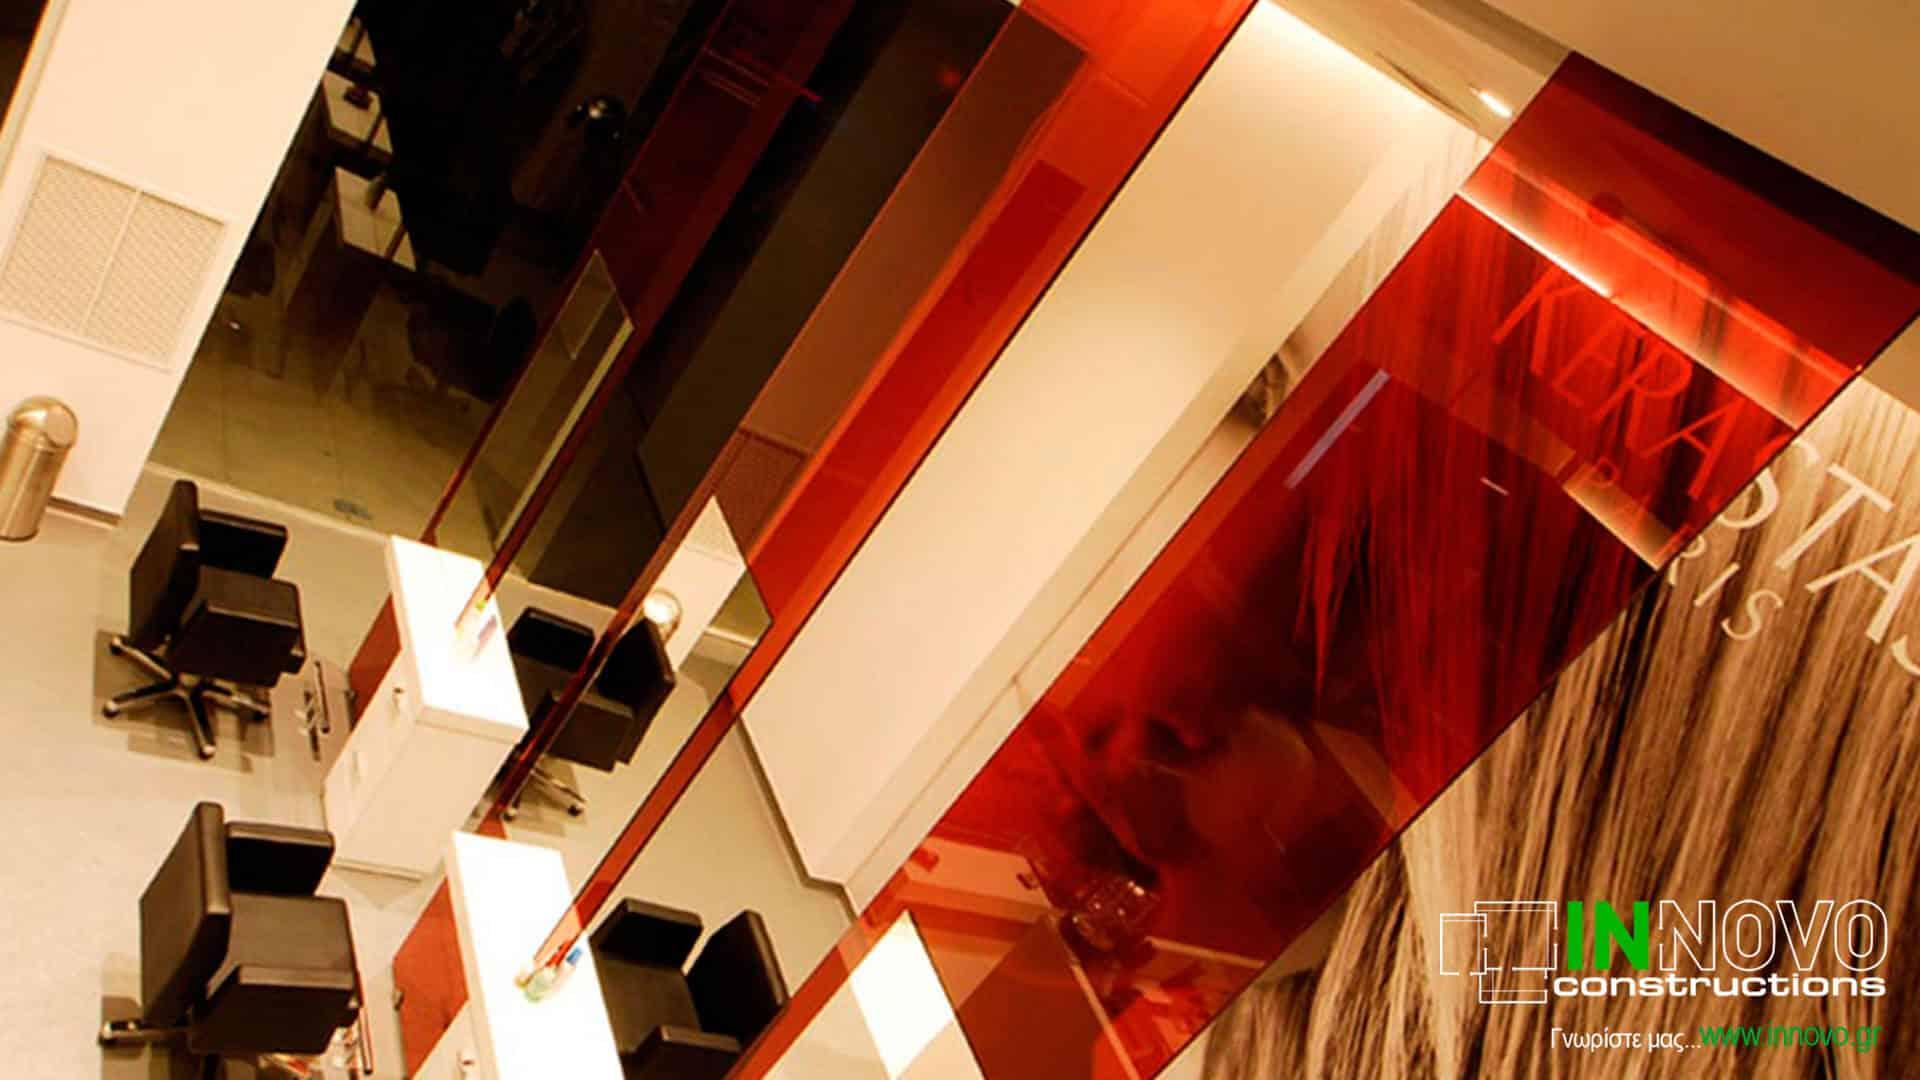 diakosmisi-kommotiriou-hairdressers-design-kommotirio-lazarou-869-4